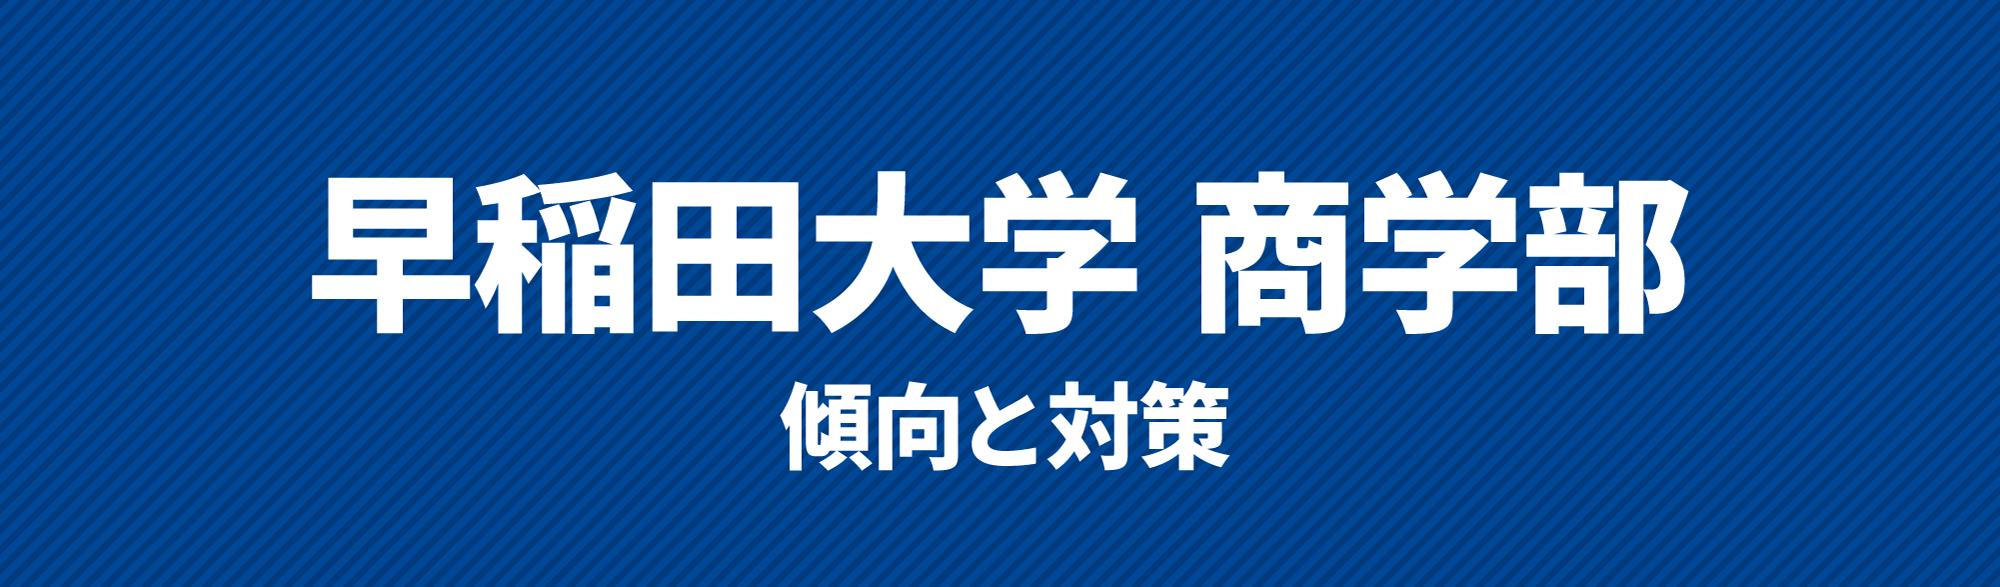 早稲田大学商学部傾向と対策